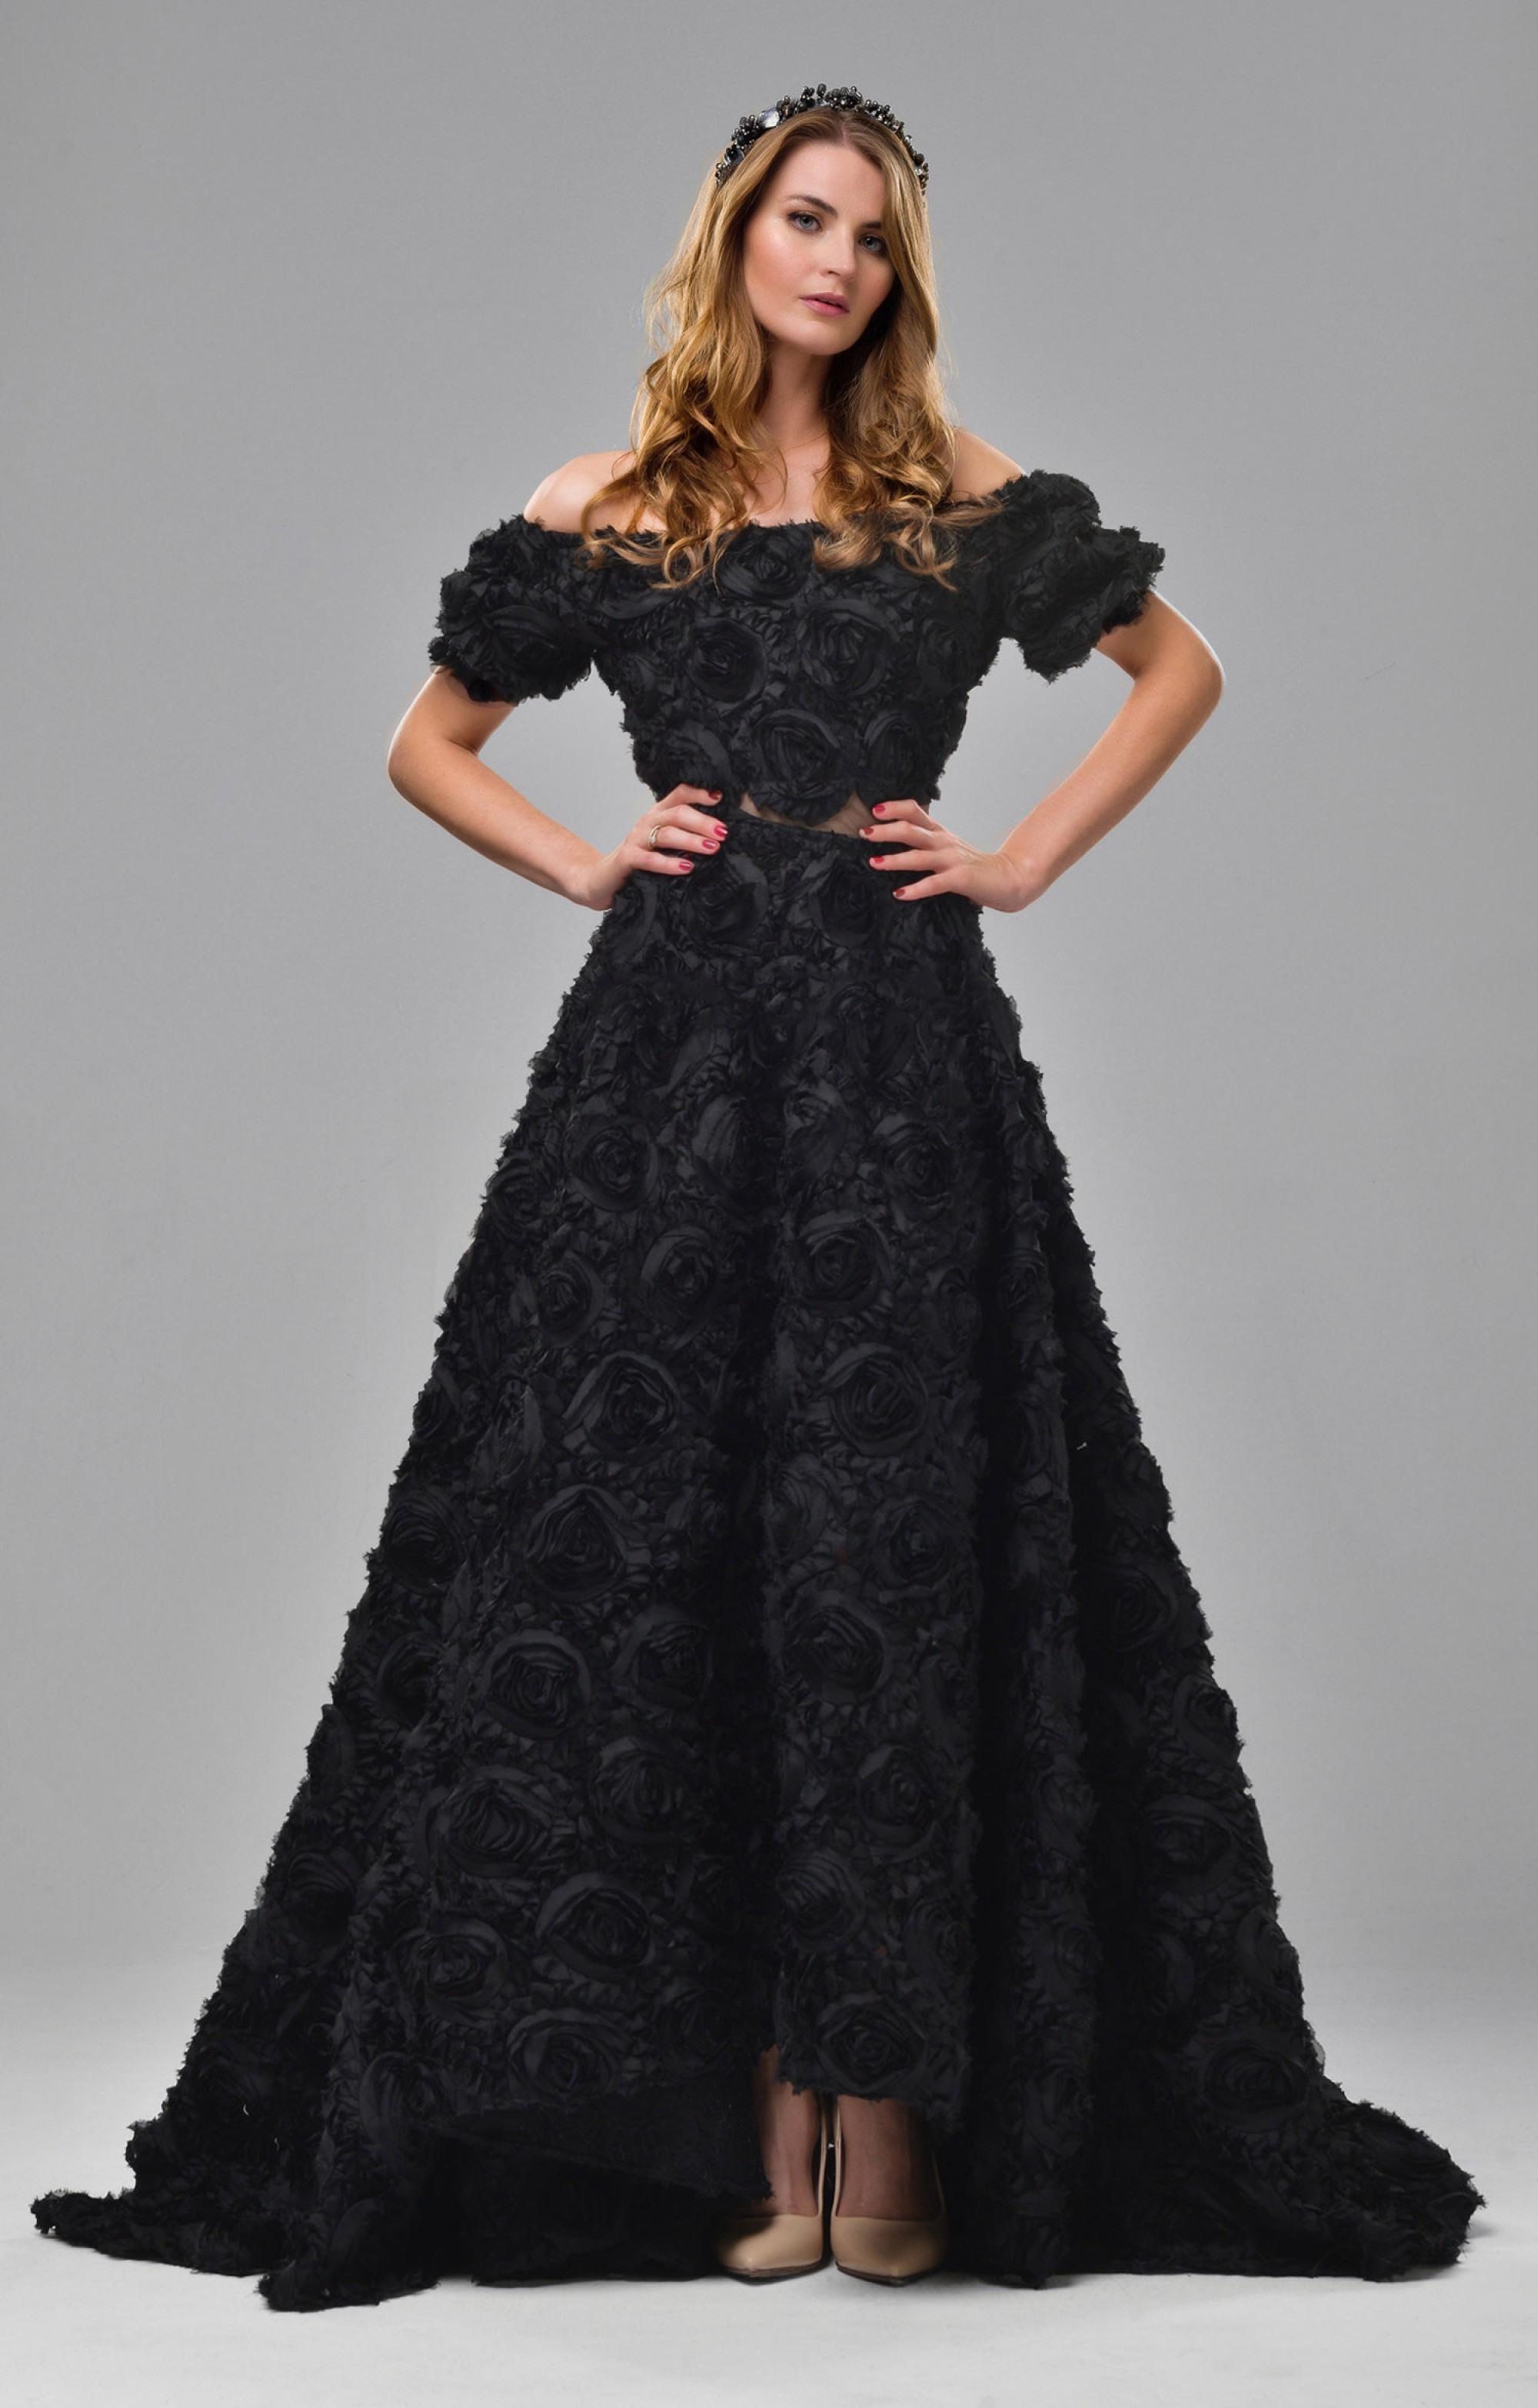 17 Luxus Design Abendkleid für 201917 Leicht Design Abendkleid Vertrieb